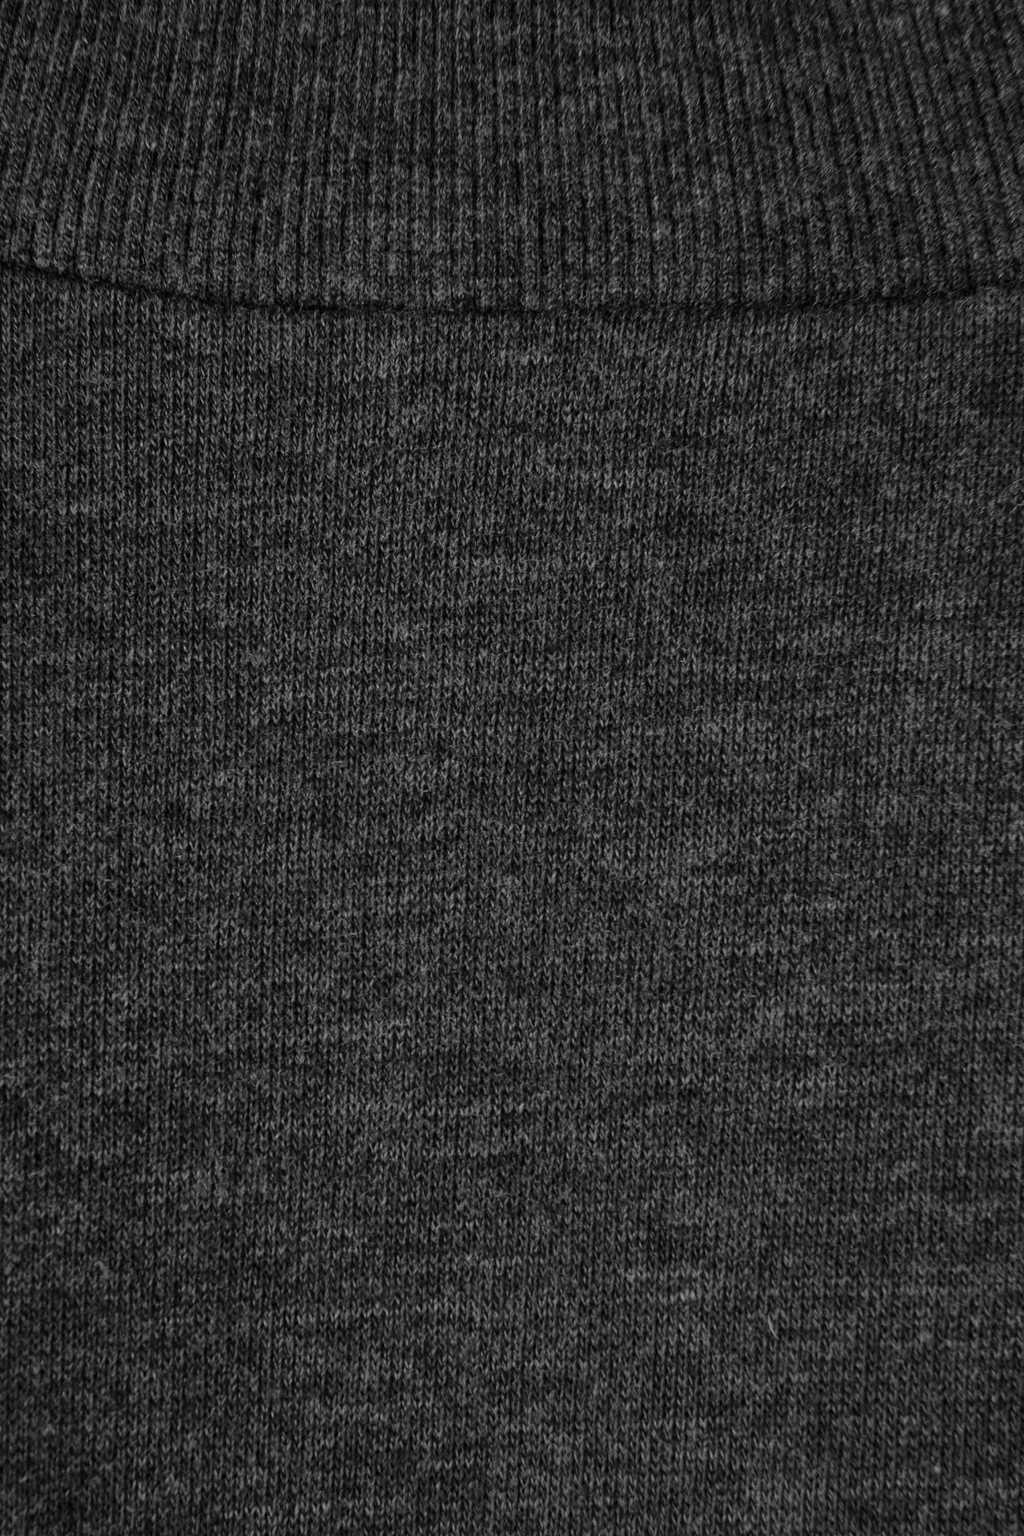 Sweatshirt 2886 Dark Gray 6